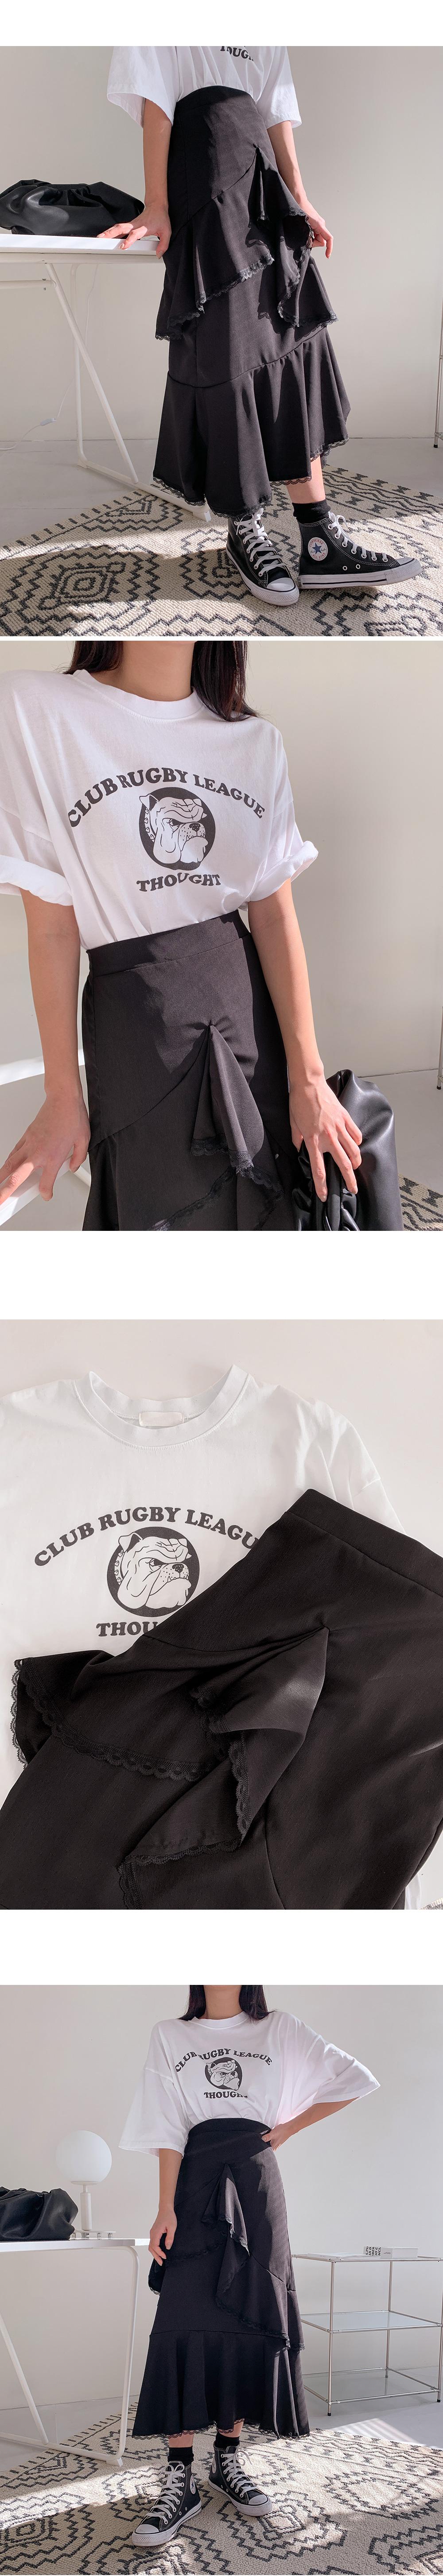 재킷 모델 착용 이미지-S2L3